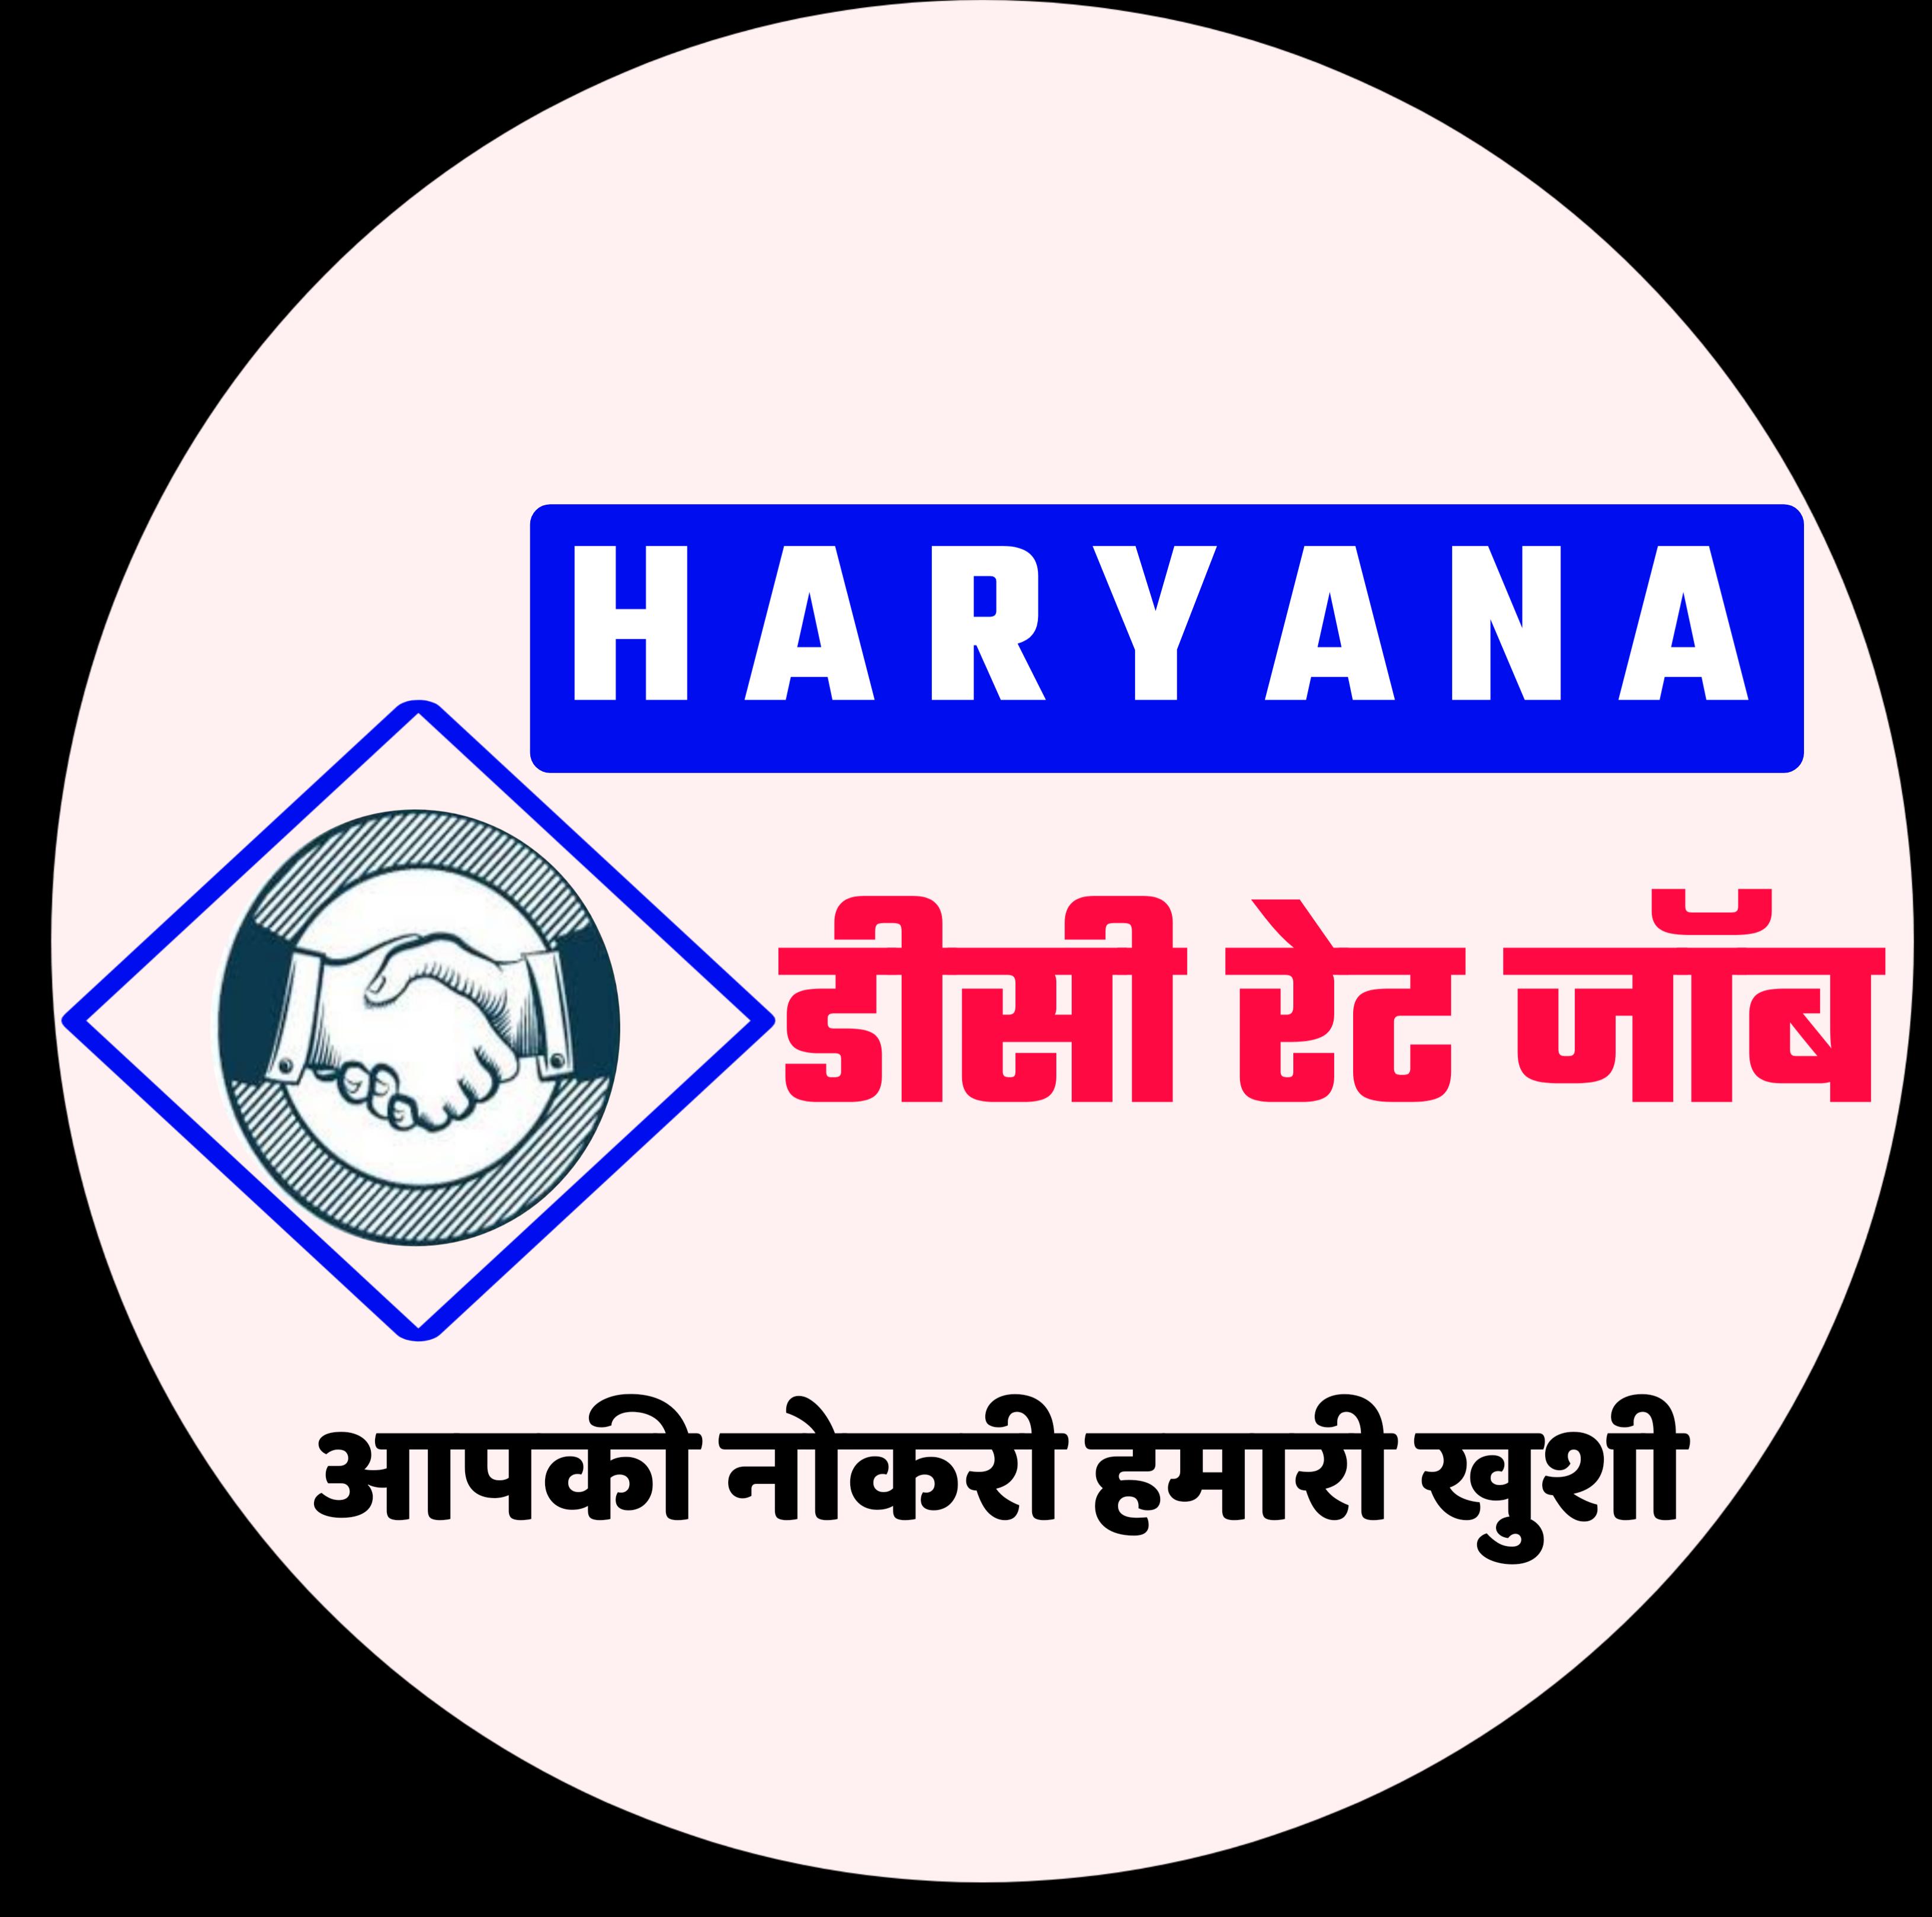 Haryana Dc Rate Job